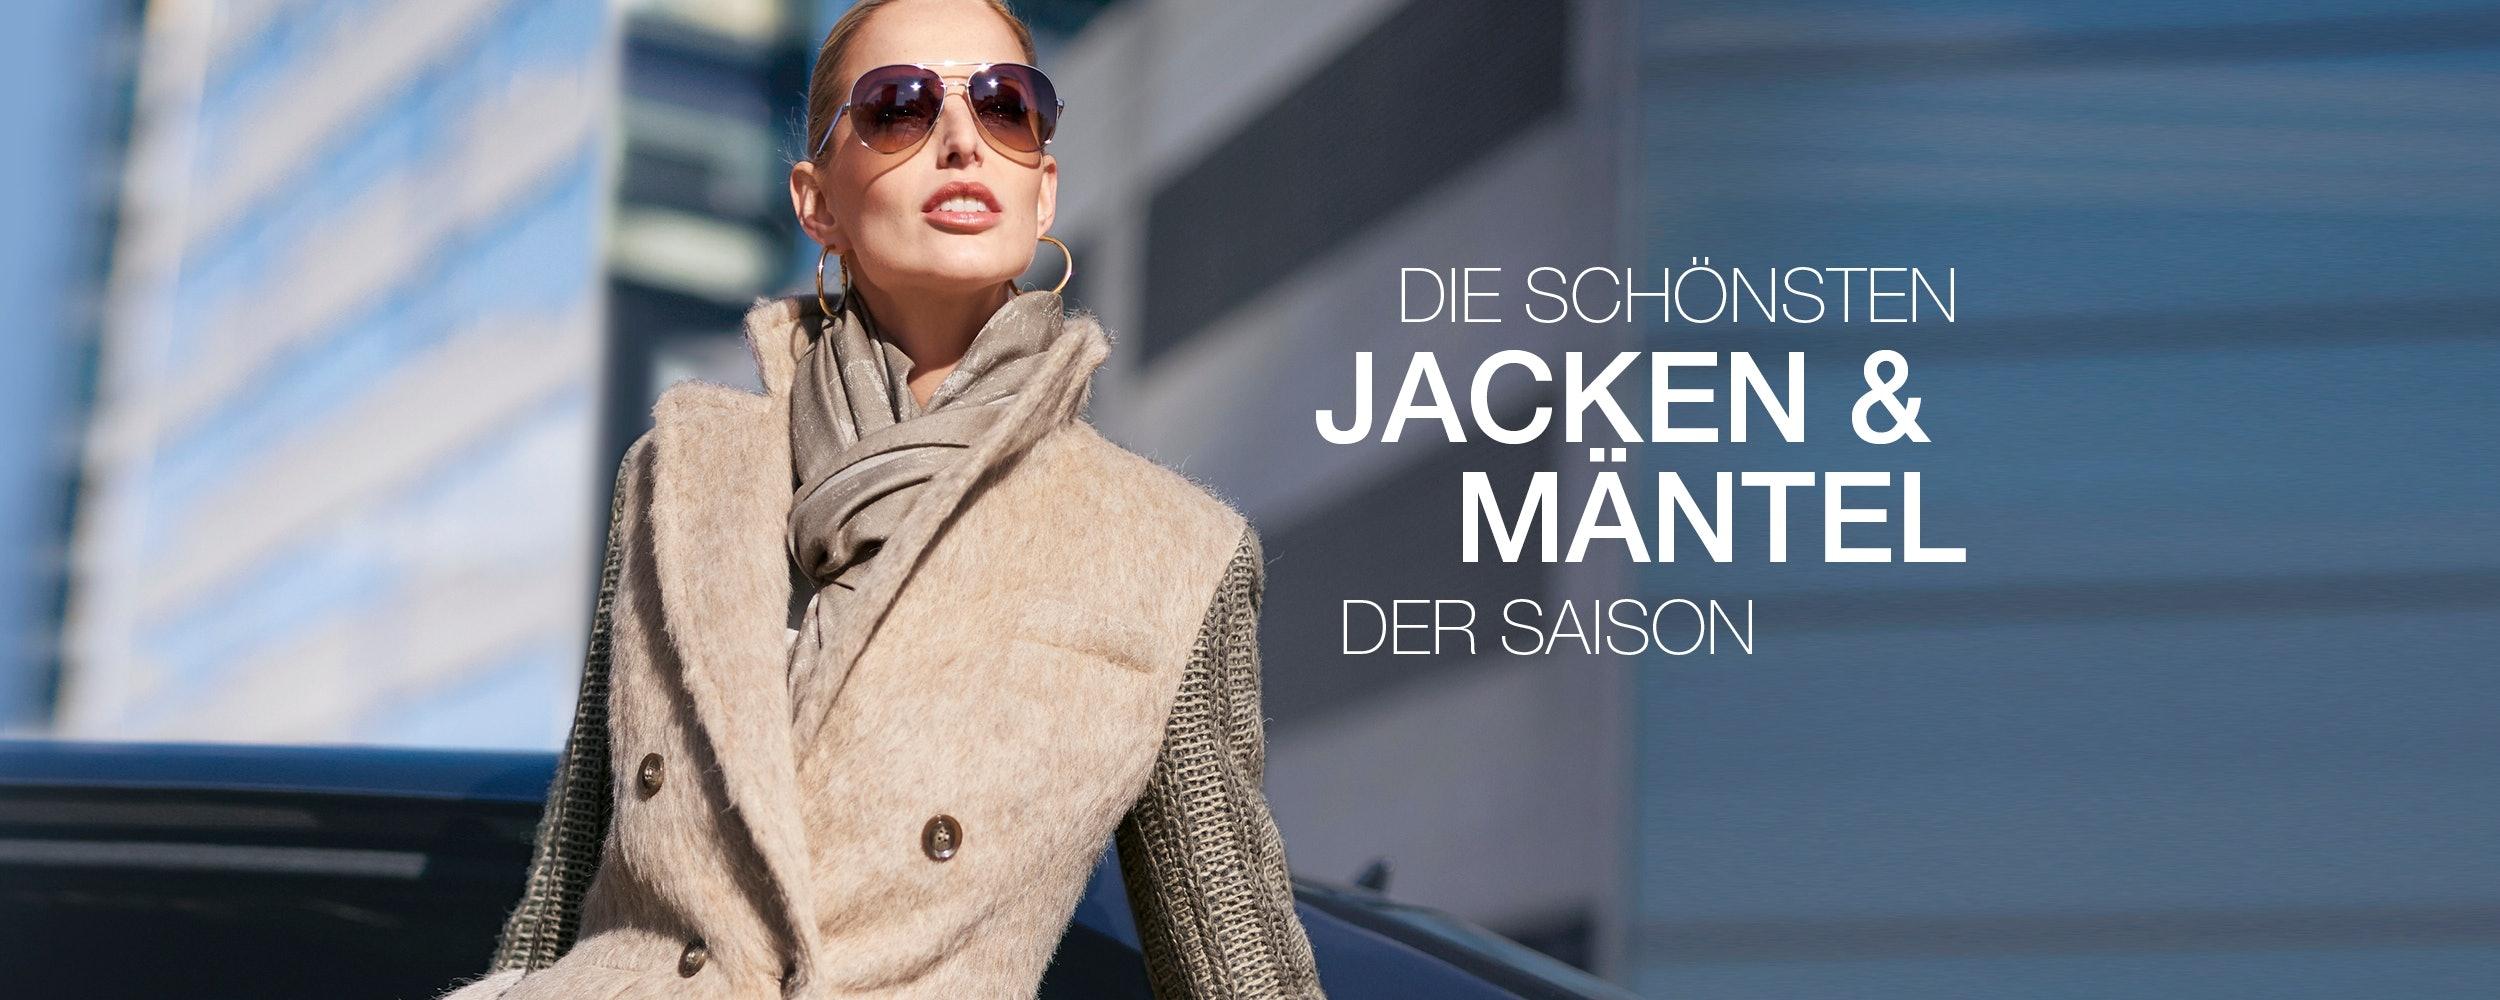 Das sind die schönsten Jacken und Mäntel der Saison